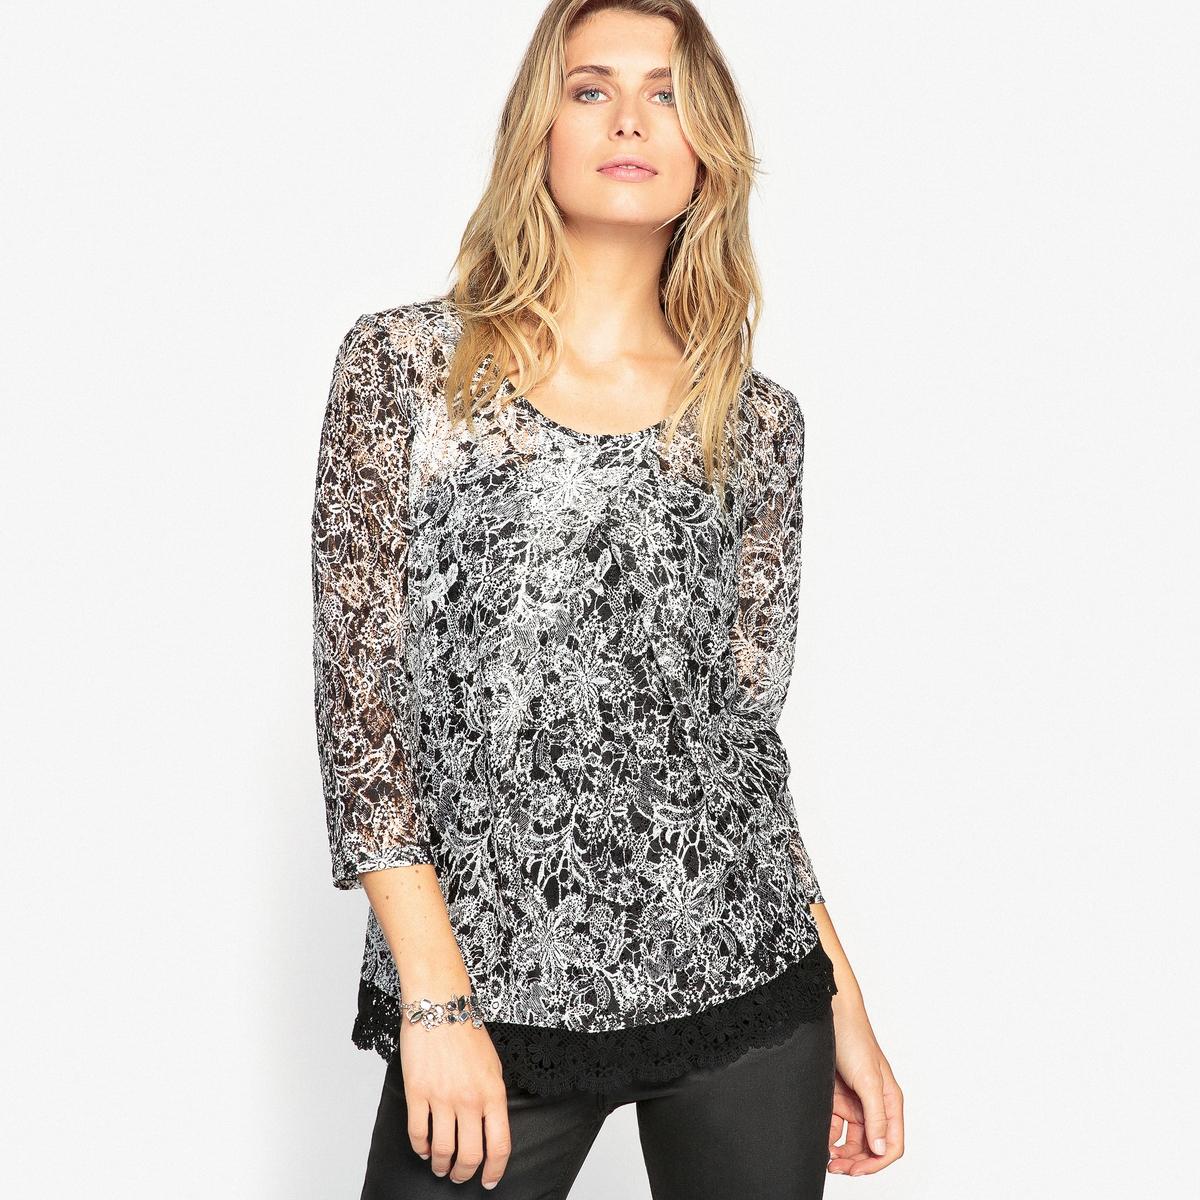 Блузка кружевная с рисункомКружевная блузка с рисунком. Очень женственная модель. Без застежки. Круглый вырез со встречными складками.Описание   •  Рукава 3/4 •  Круглый вырез •  Рисунок-принтСостав и уход   •  2% эластана, 98% полиэстера  •  Температура стирки 30° на деликатном режиме   •  Сухая чистка и отбеливание запрещены •  Не использовать барабанную сушку   •  Низкая температура глажки  Блузка из 100% хлопка снизу с отделкой оригинальным гипюром и фестонами. удлиненная модель. 62 см.<br><br>Цвет: черный/экрю<br>Размер: 50 (FR) - 56 (RUS).40 (FR) - 46 (RUS).46 (FR) - 52 (RUS).42 (FR) - 48 (RUS).52 (FR) - 58 (RUS)